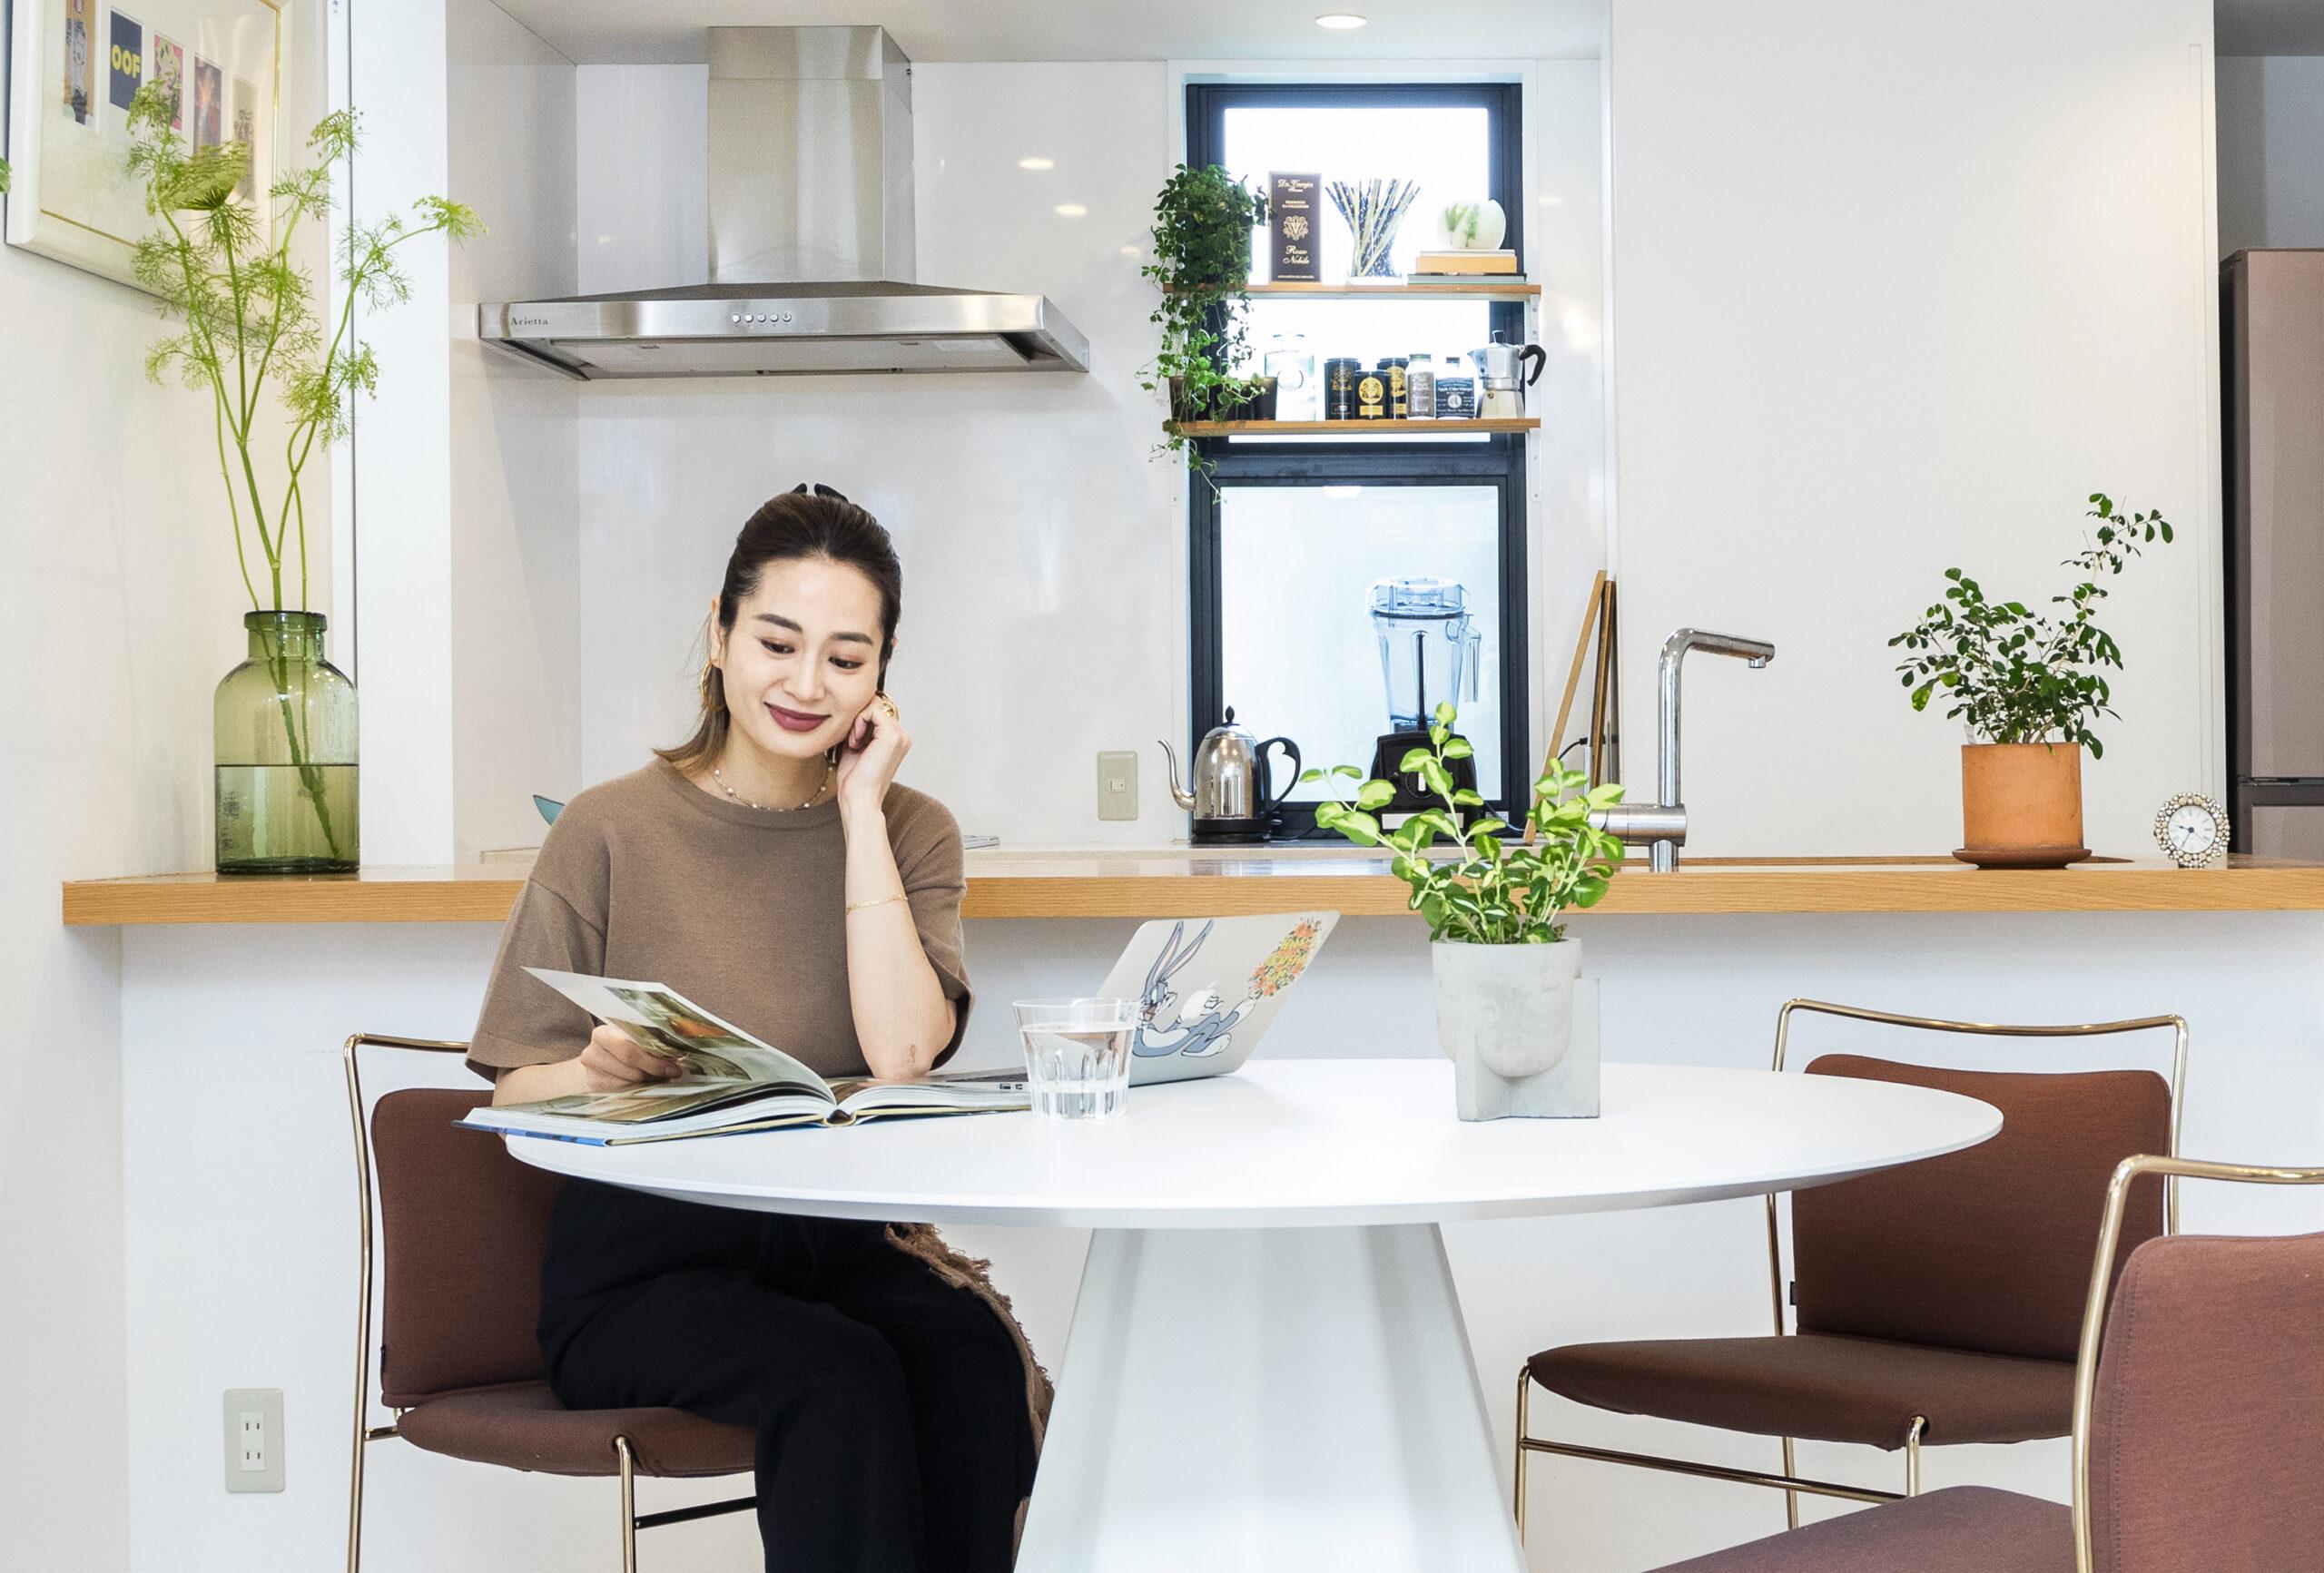 ブランド家具の「掘り出し物」で実現する素敵な住空間の魅力 イメージ